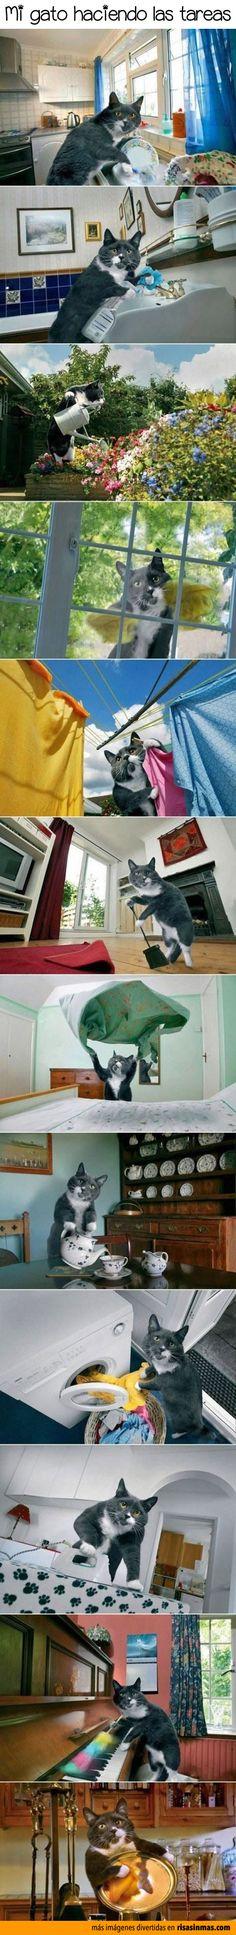 ¿Qué está haciendo el gato? (Presente del progresivo)